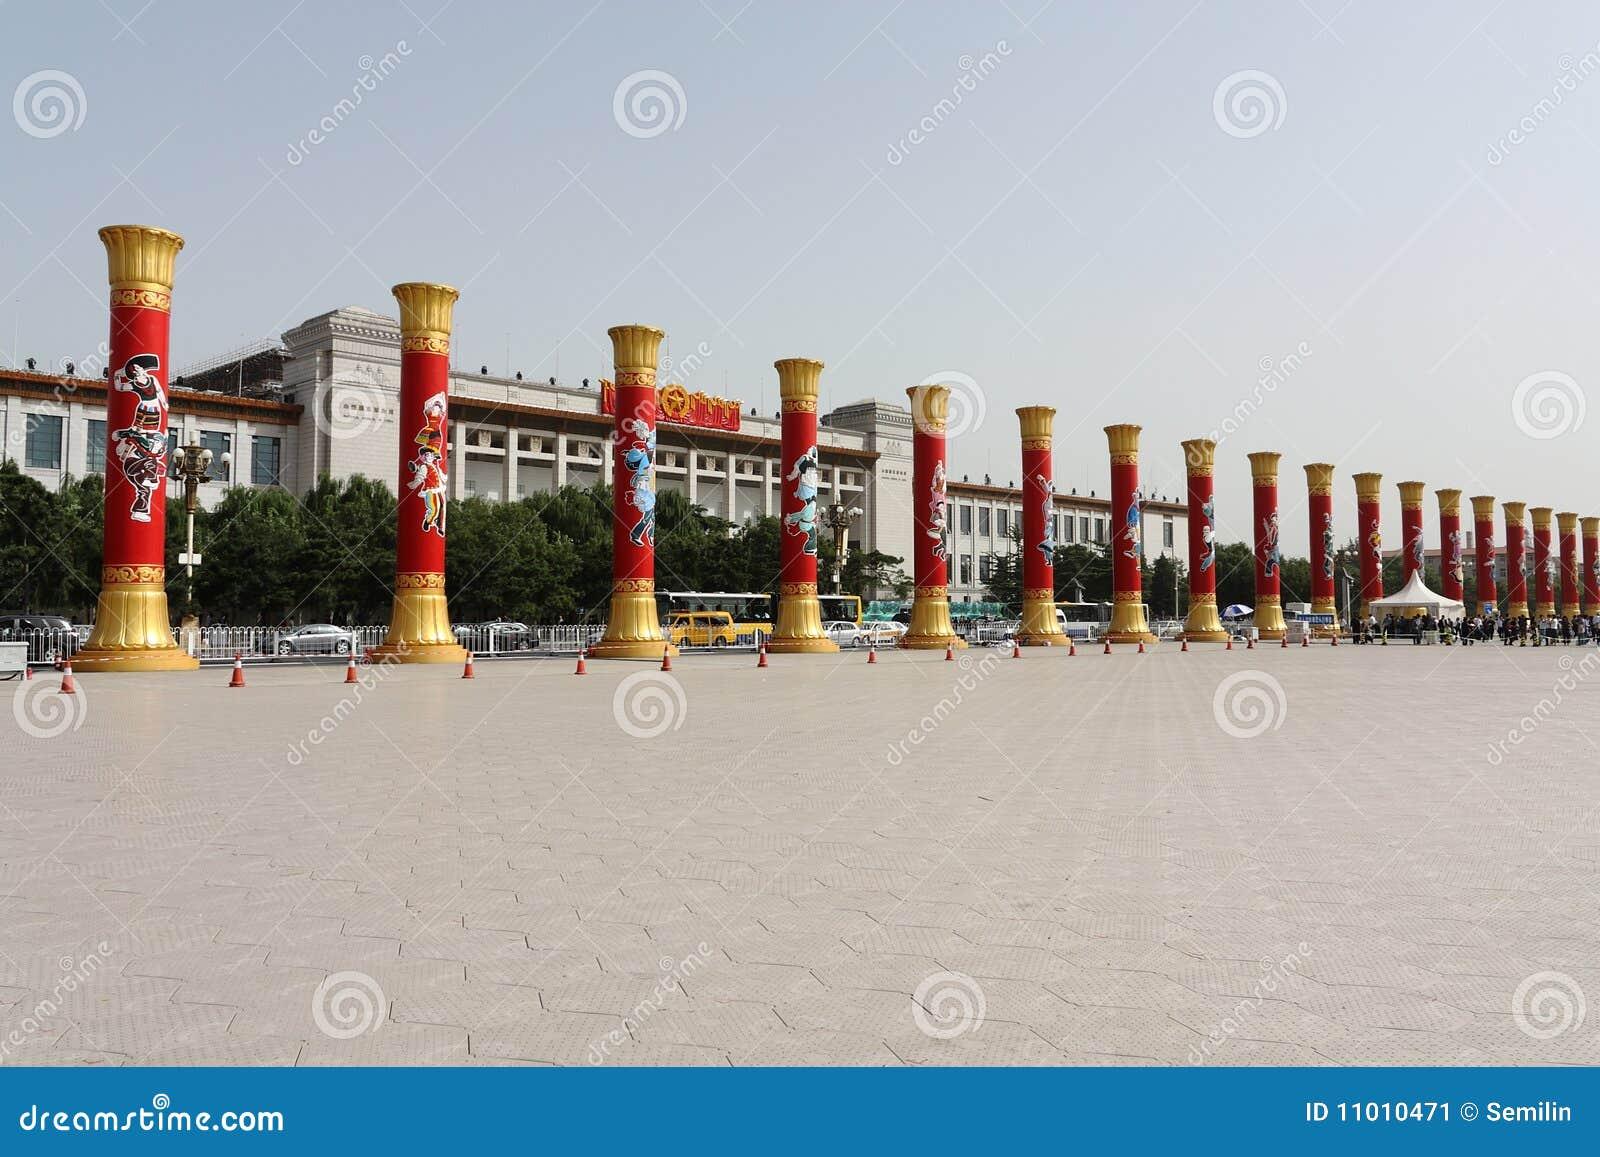 High pillars for 60th anniversary China